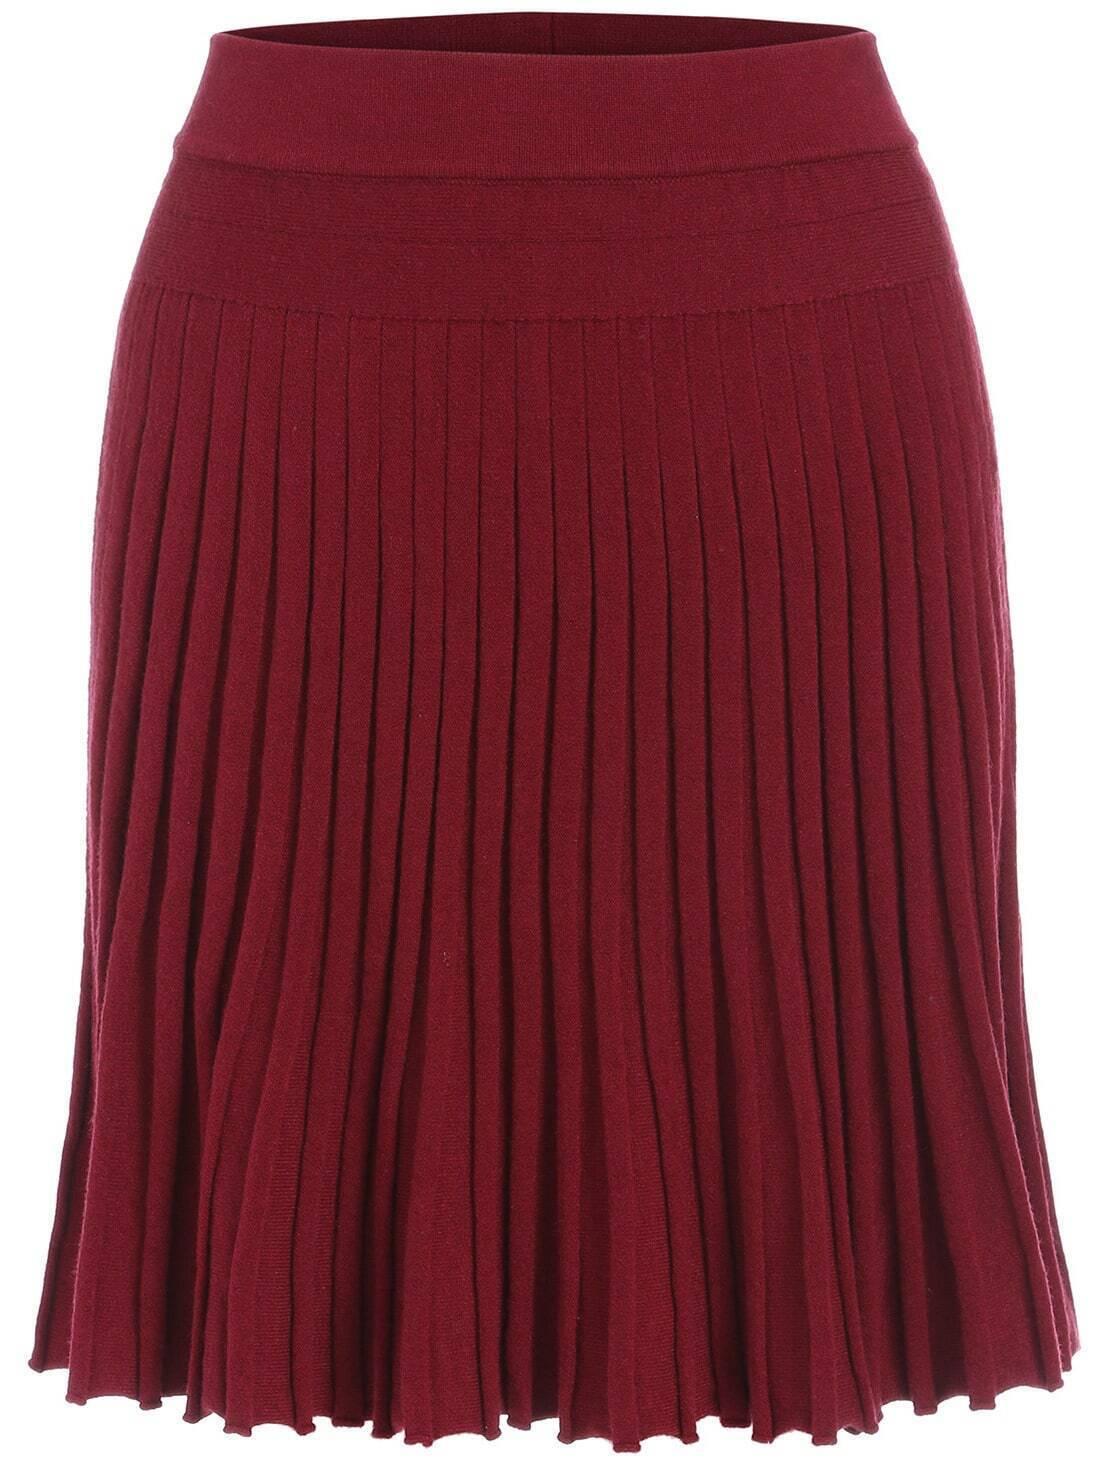 knit pleated maroon skirt